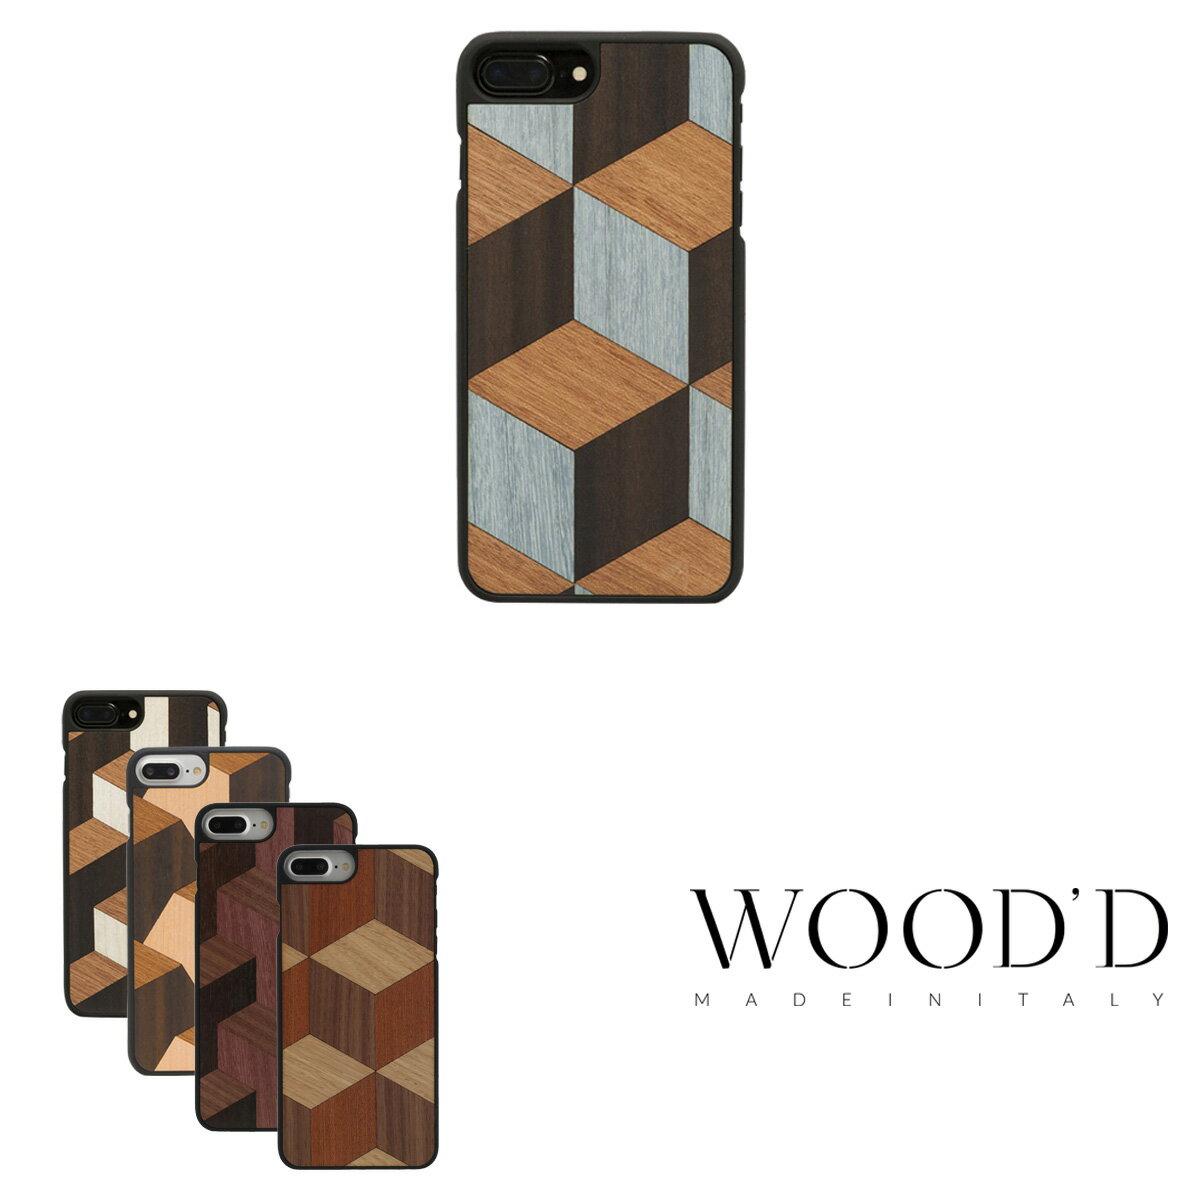 Wood'd iPhone8Plus iPhone7Plus iPhone6Plus ケース Real wood Snap-on covers GEOMETRIC ウッド 【 アイフォン スマホケース スマートフォン カバー 木製 ハンドメイド イタリア製 】[bef][PO10][即日発送]